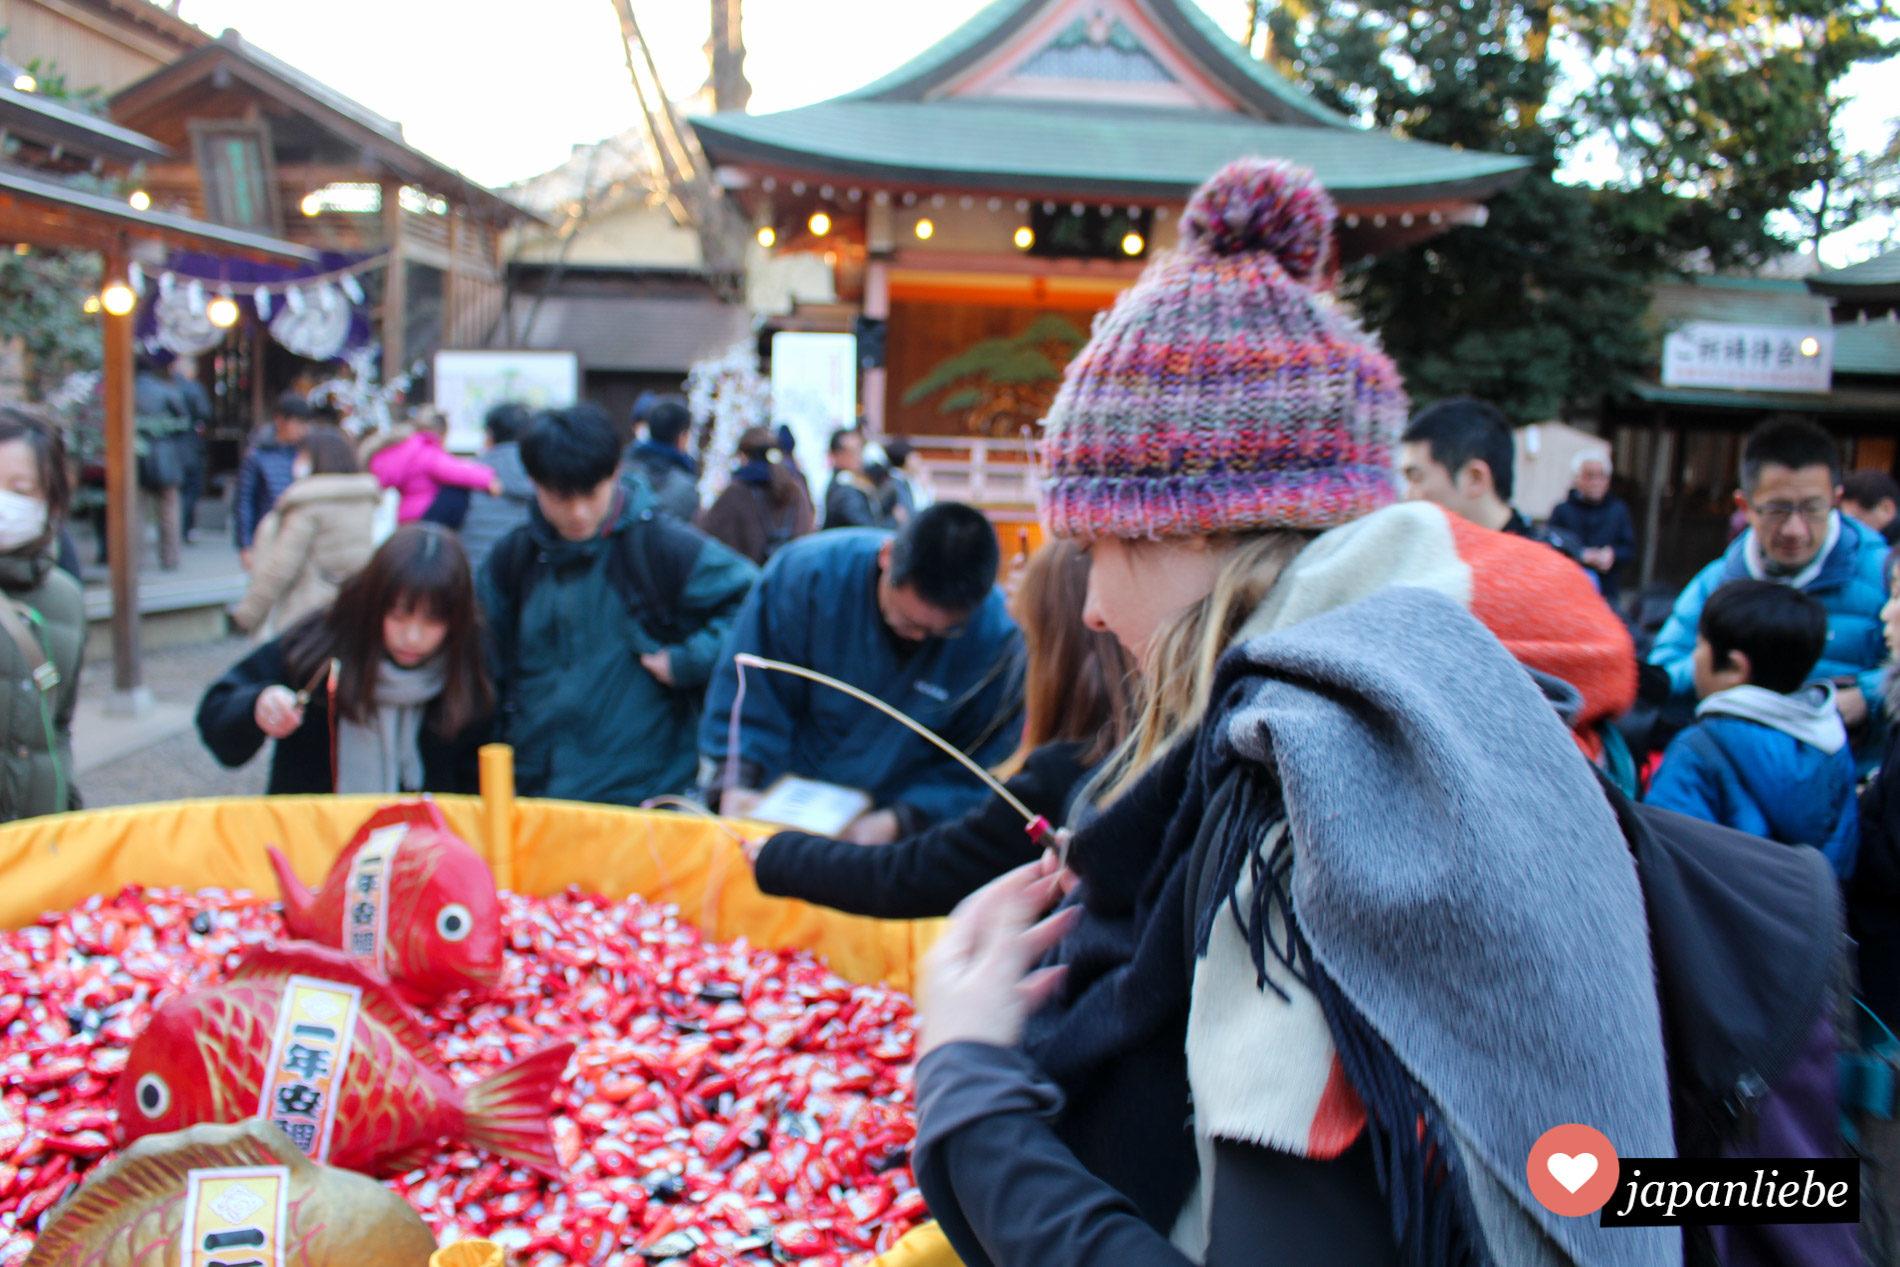 Ich angle mir am Hikawa Schrein in Kawagoe ein Orakel in Firschform für das neue Jahr.